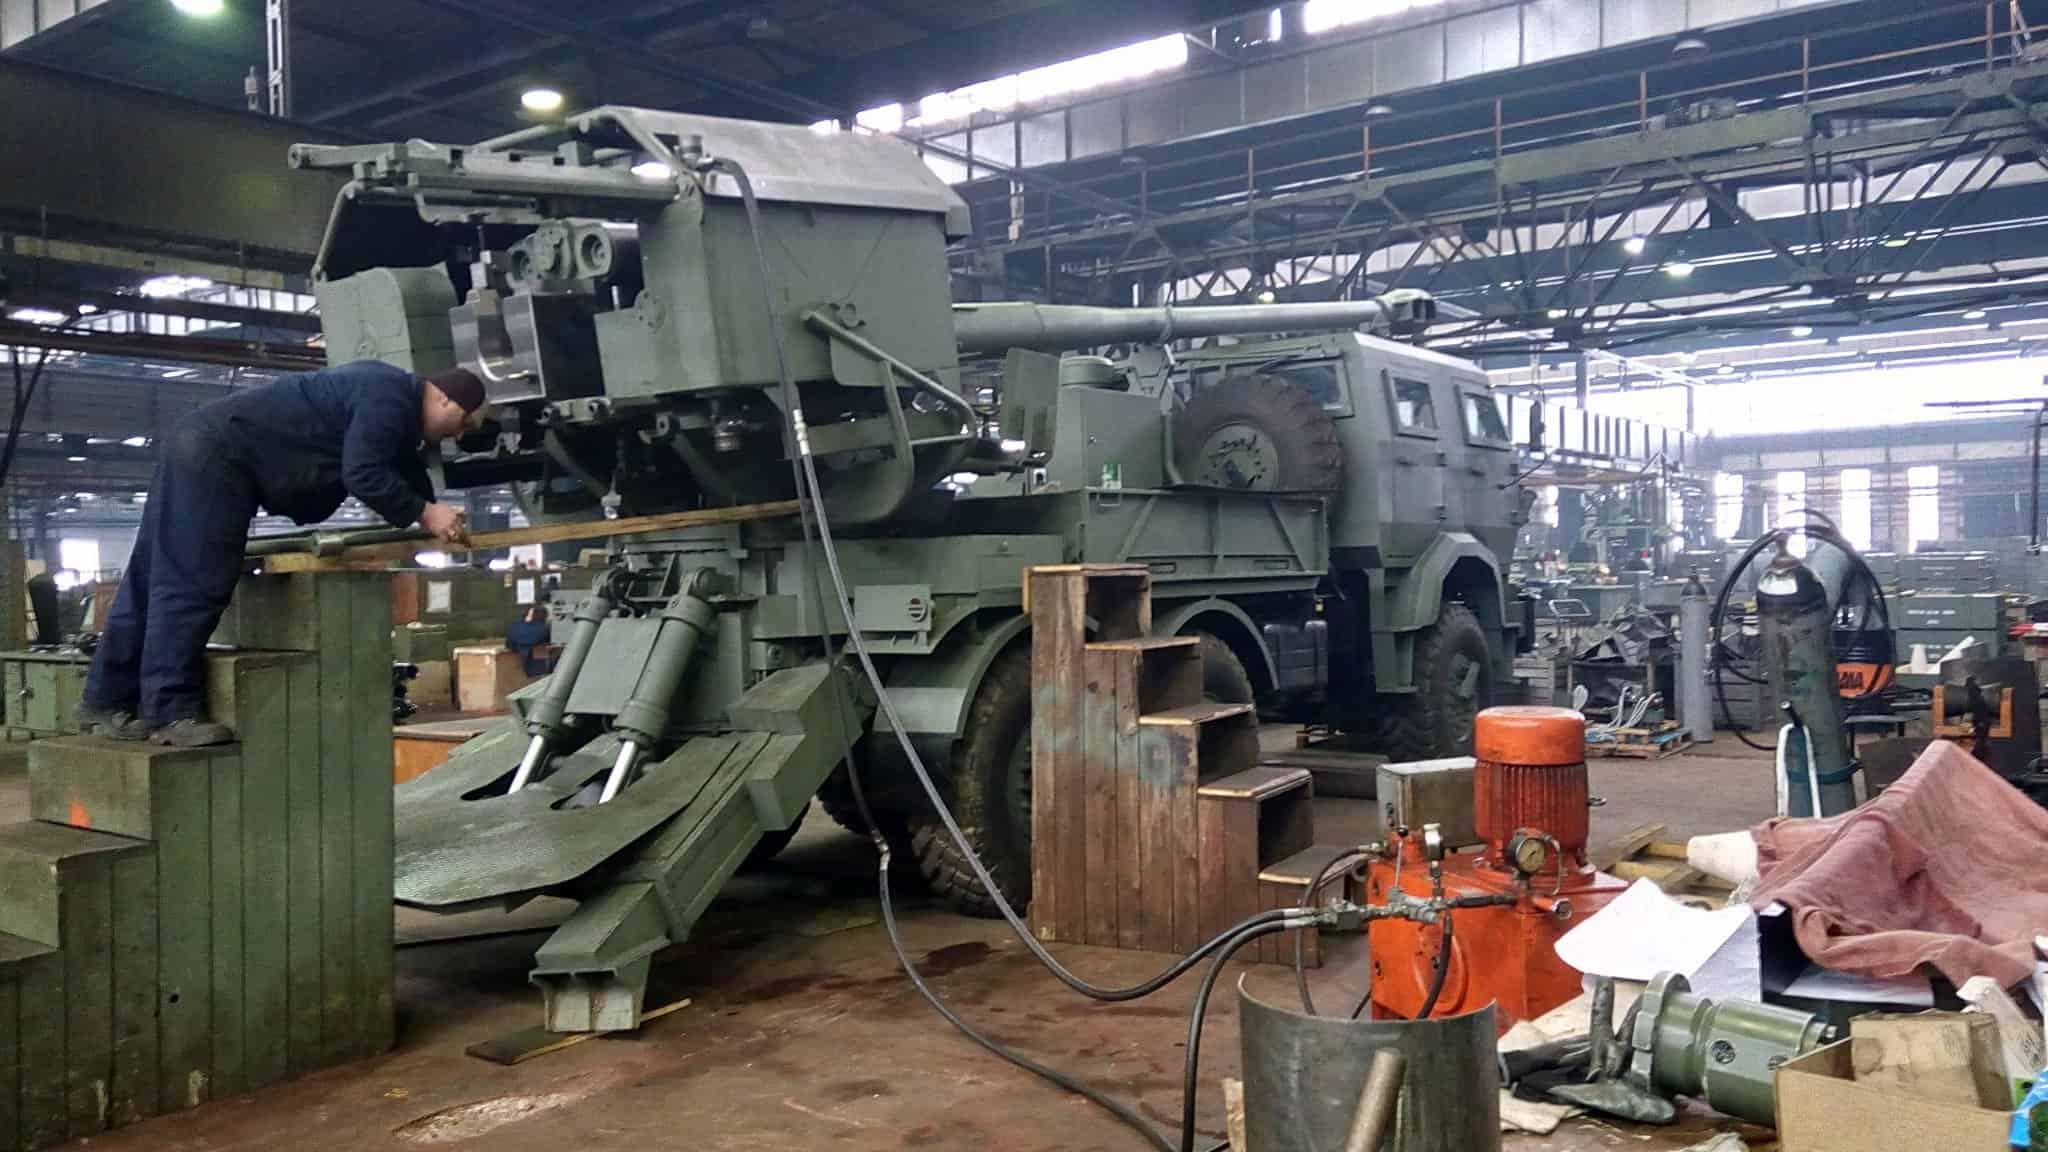 САУ H-155 з Боснії та Герцоговини під час збирання на підприємстві BNT